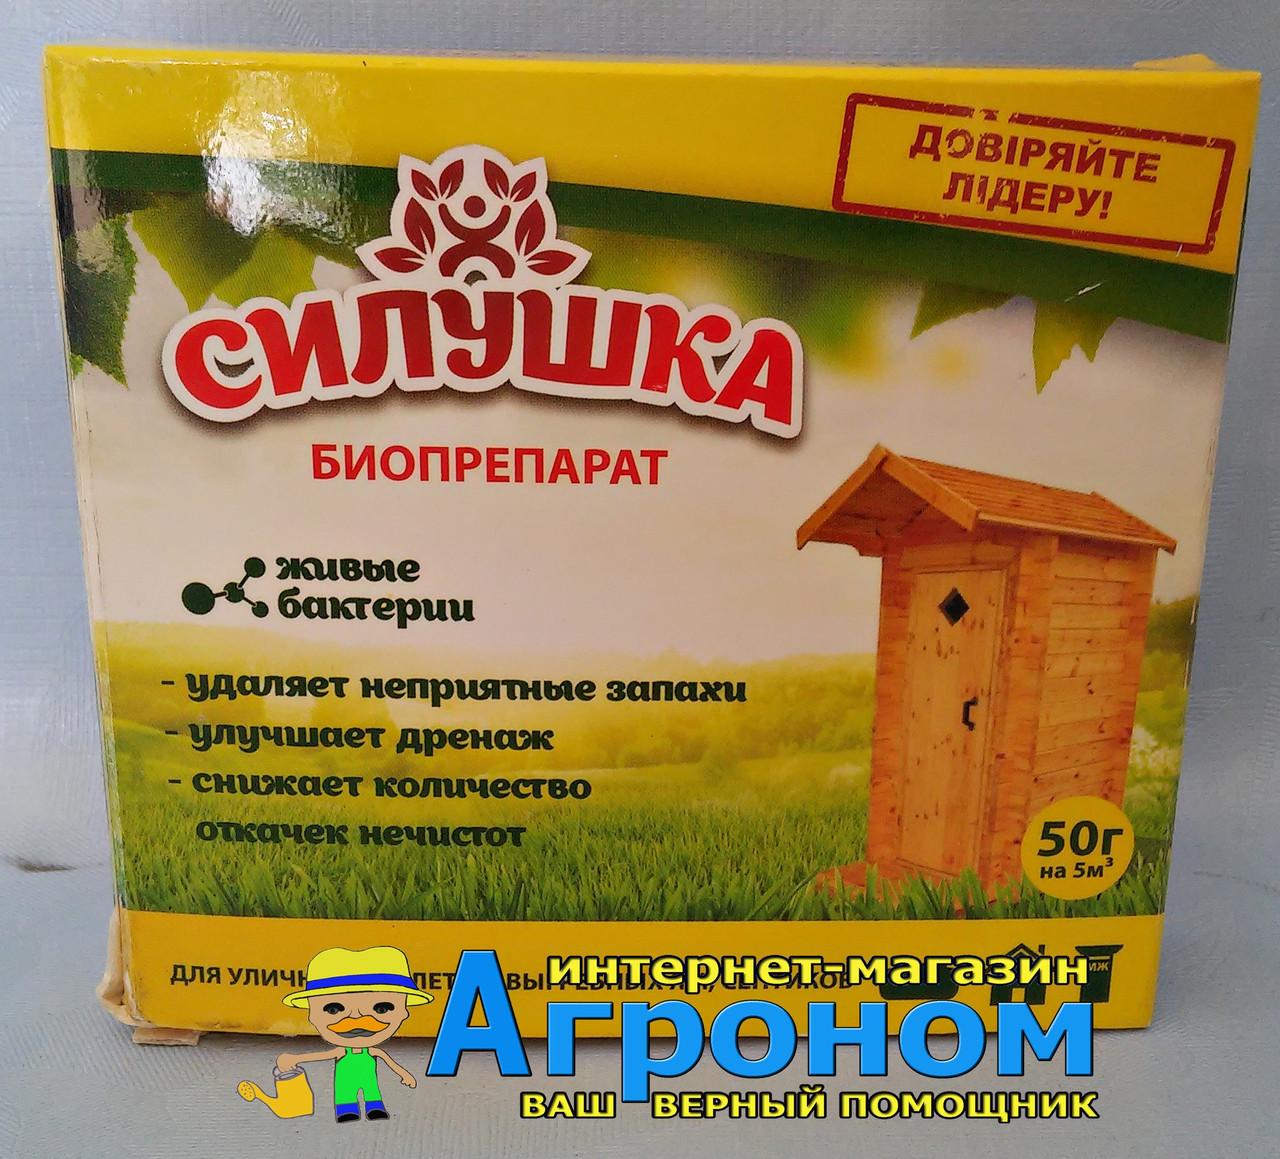 Биопрепарат деструкции СИЛУШКА, 50 гр, БиоТехАктив, Украина  - Агроном в Запорожье